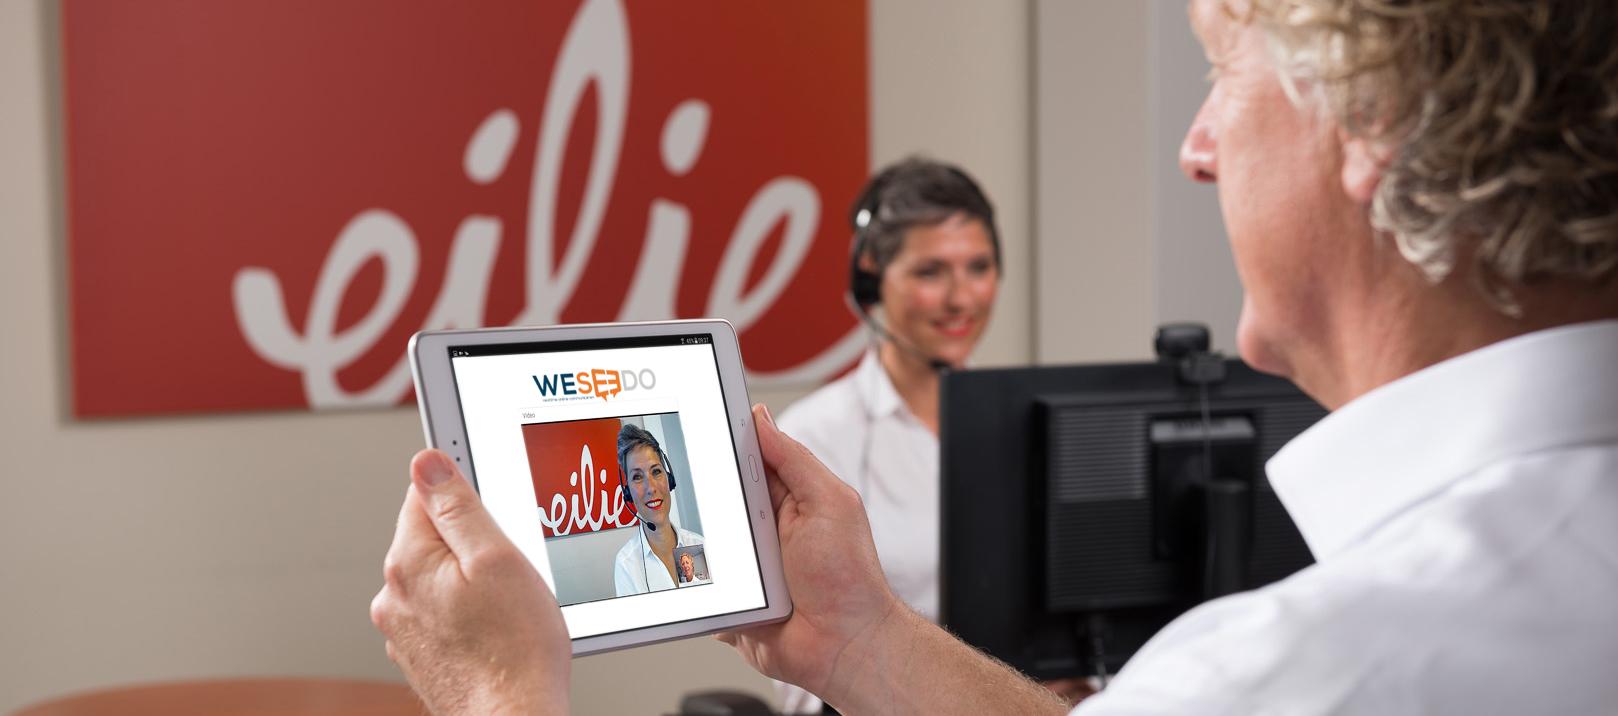 WebRTC oplossingen voor uw webshop. Realtime online video verhoogt online sales.